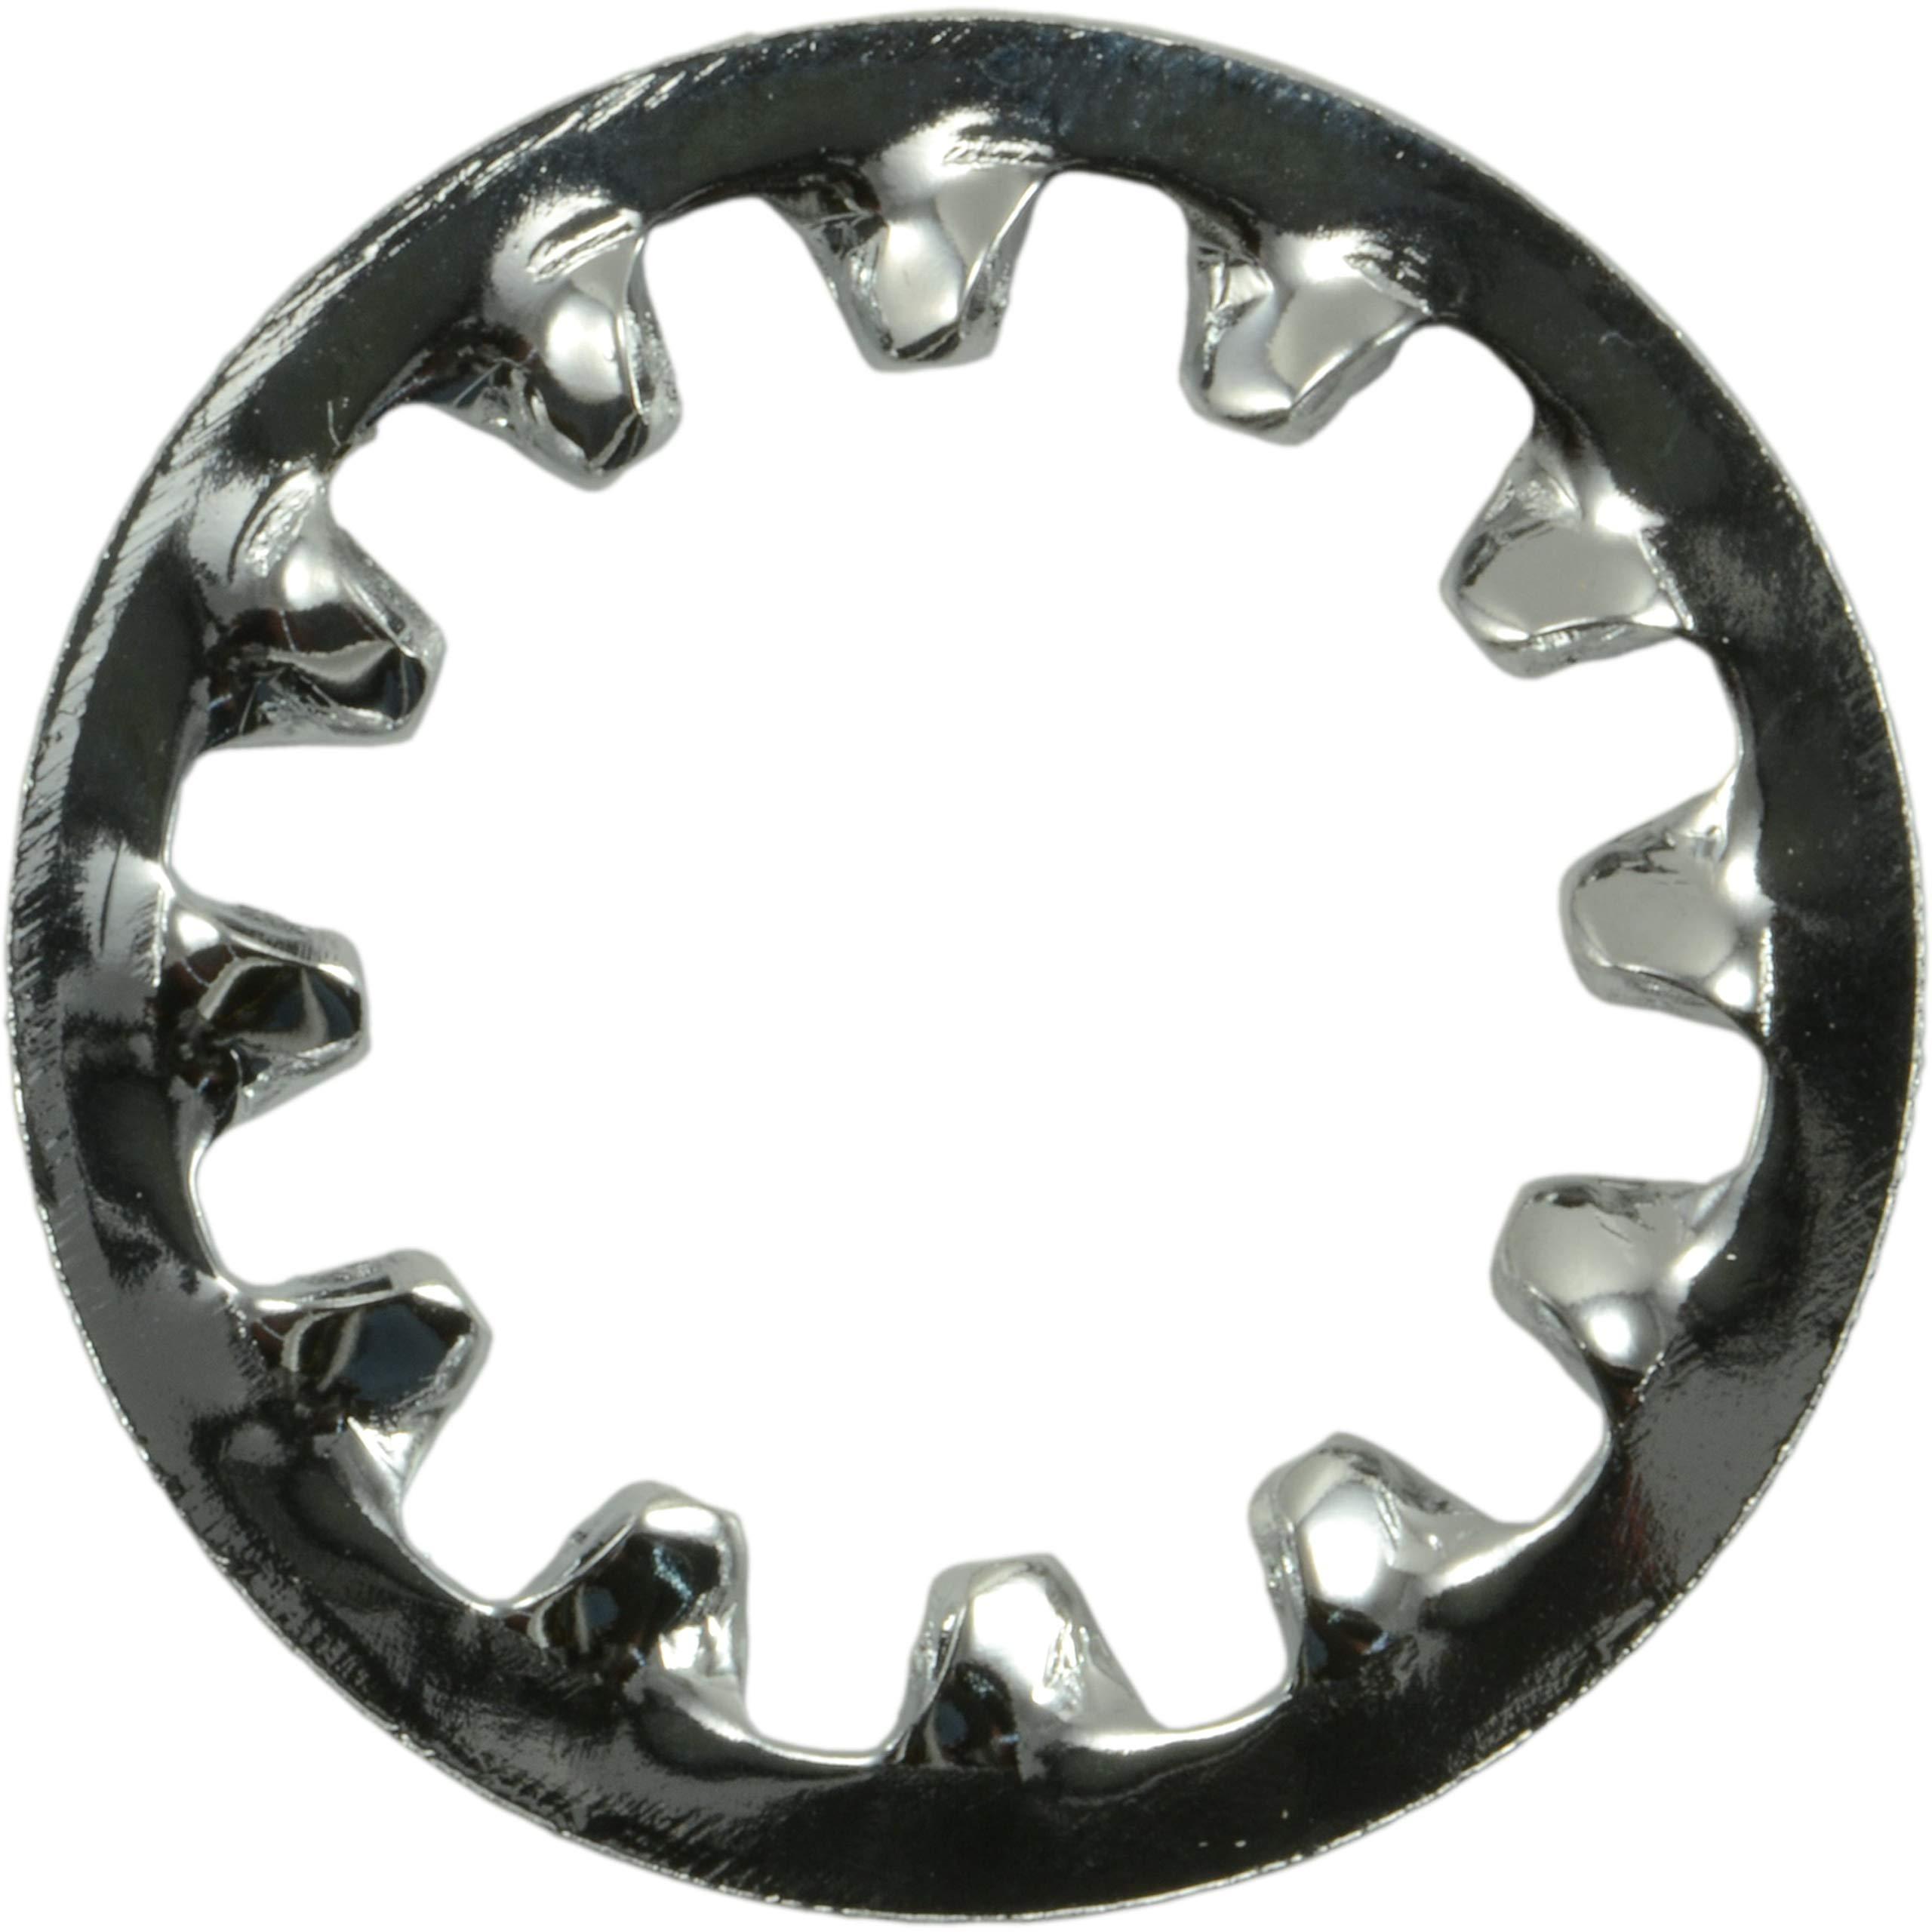 Hard-to-Find Fastener 014973135607 Internal Tooth Lock Washers, 5/8, Piece-10